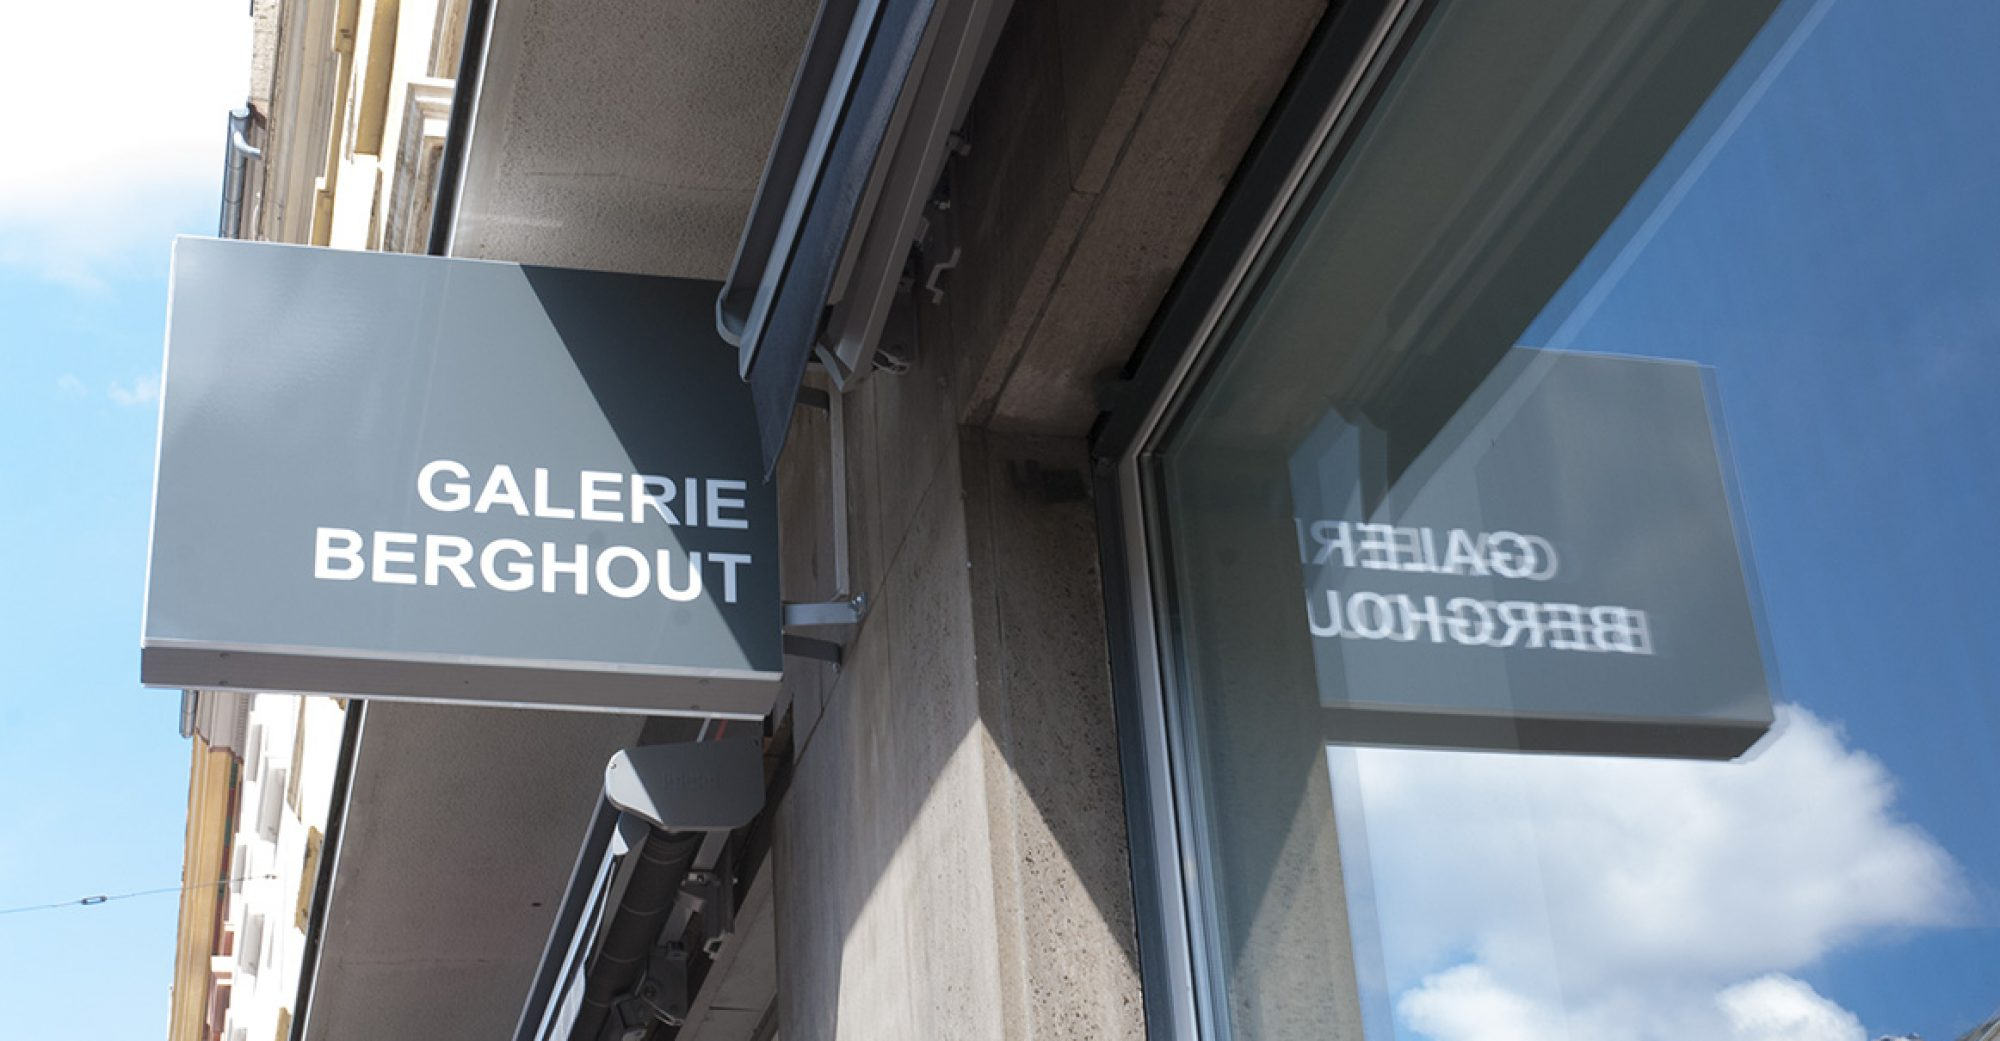 Galerie Berghout